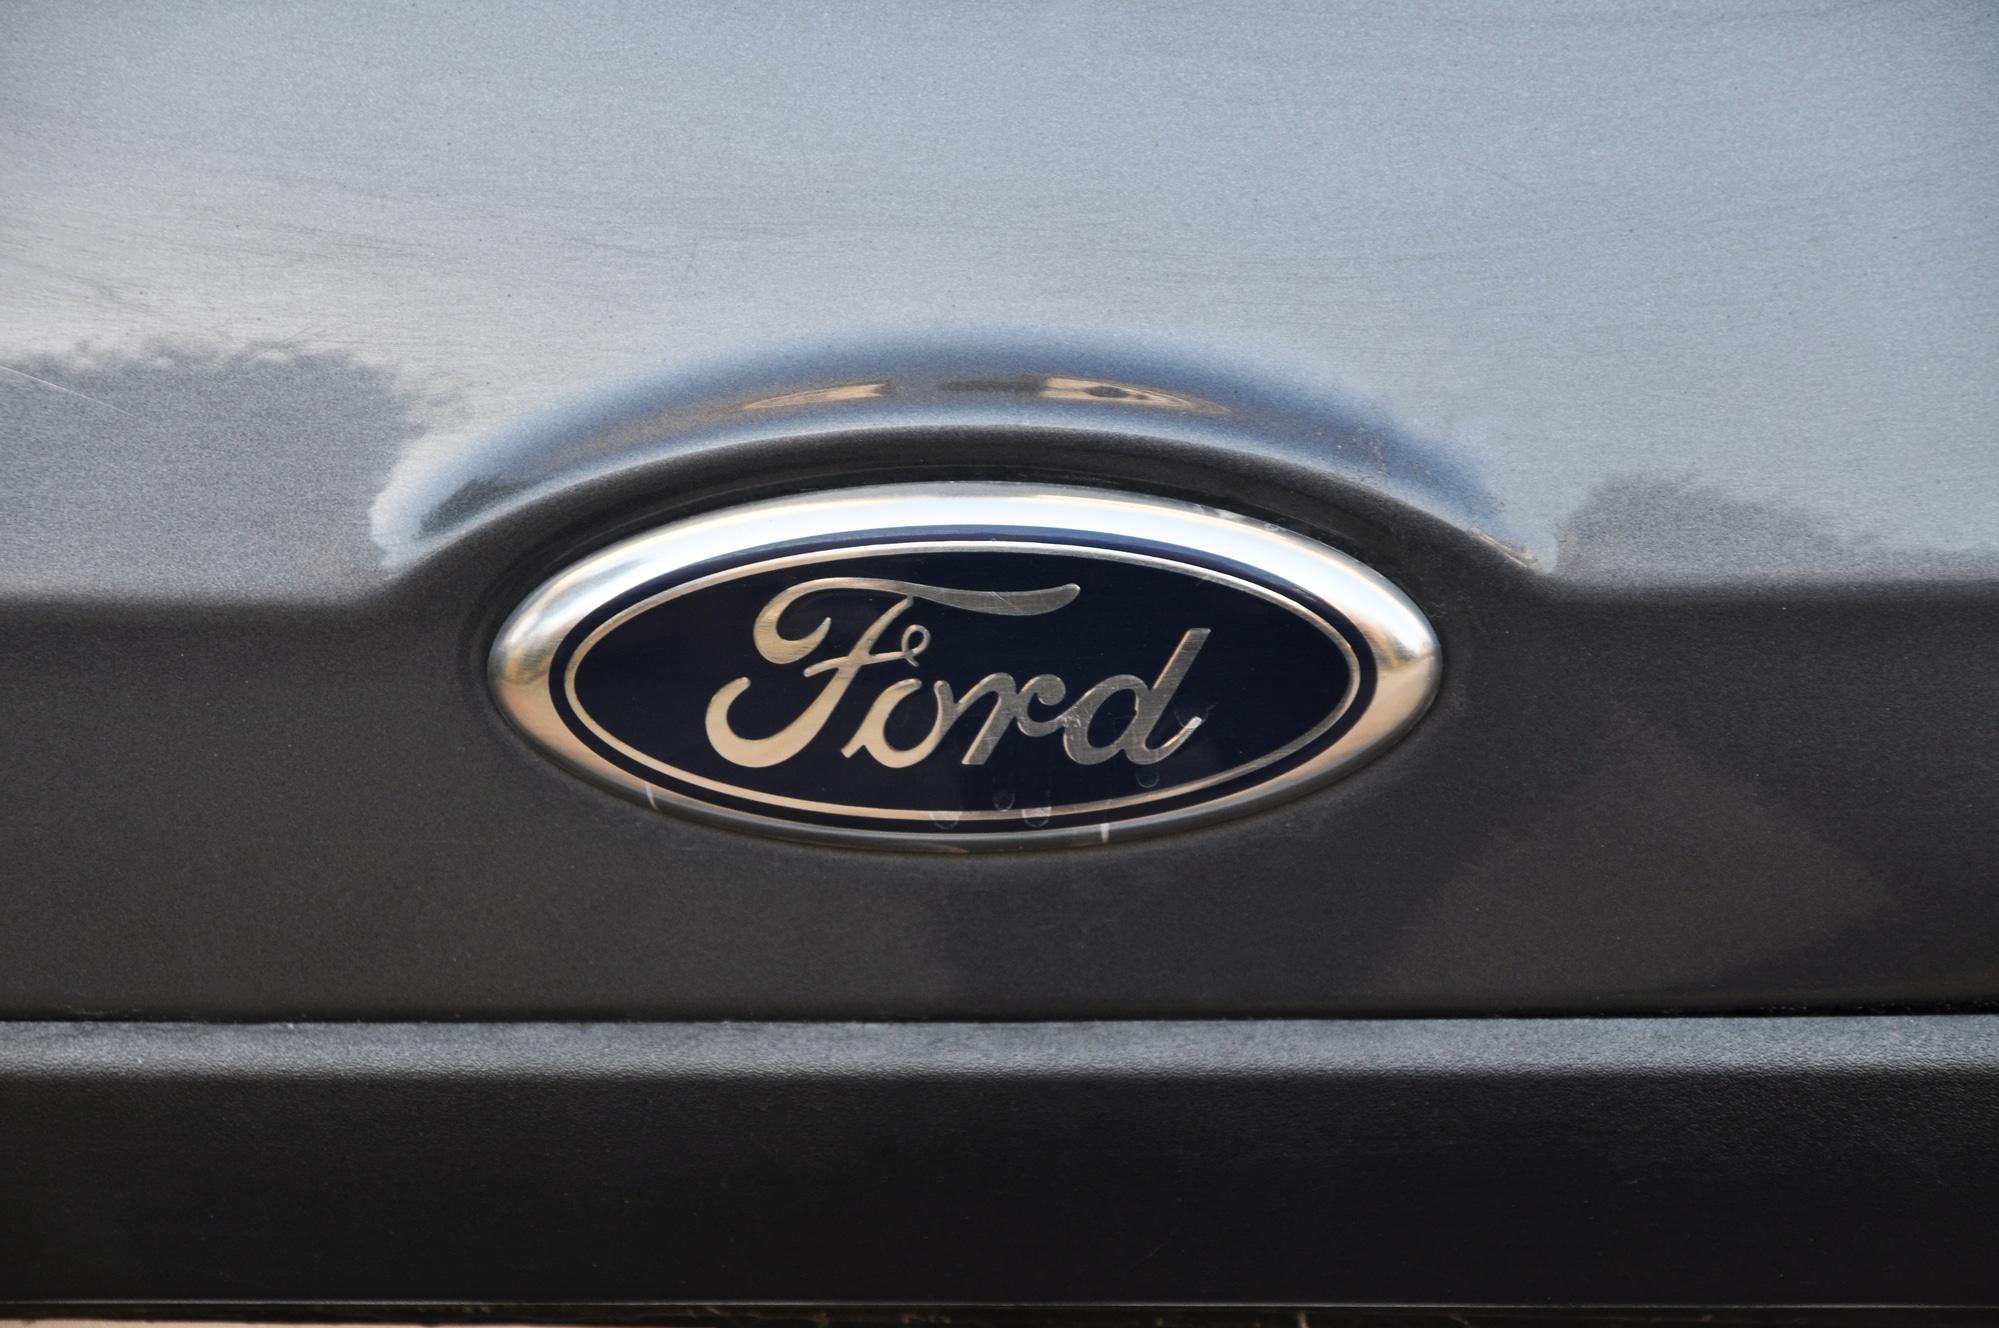 Ford avviserà i proprietari dei veicoli in caso di furto thumbnail